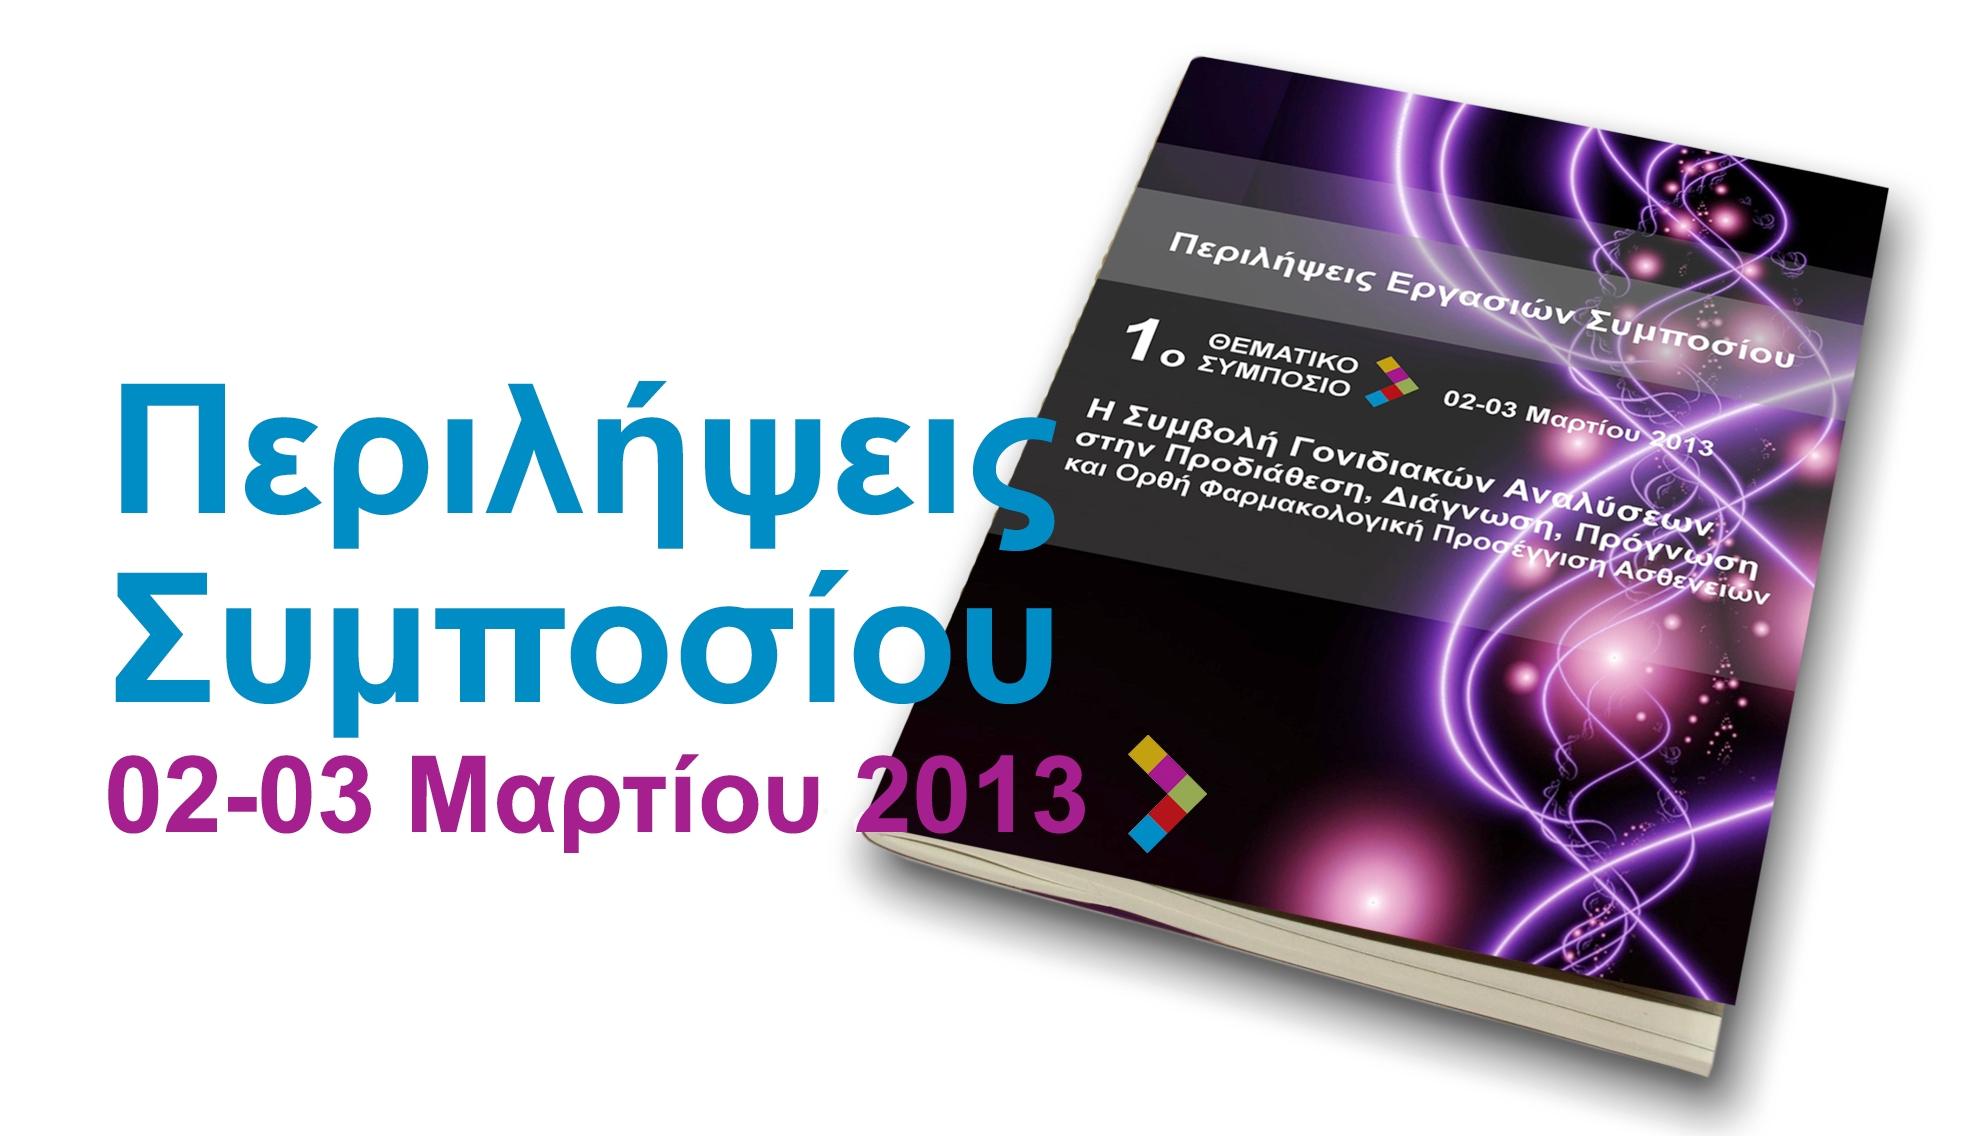 perilepseis-san-biblio-CROPPED200e